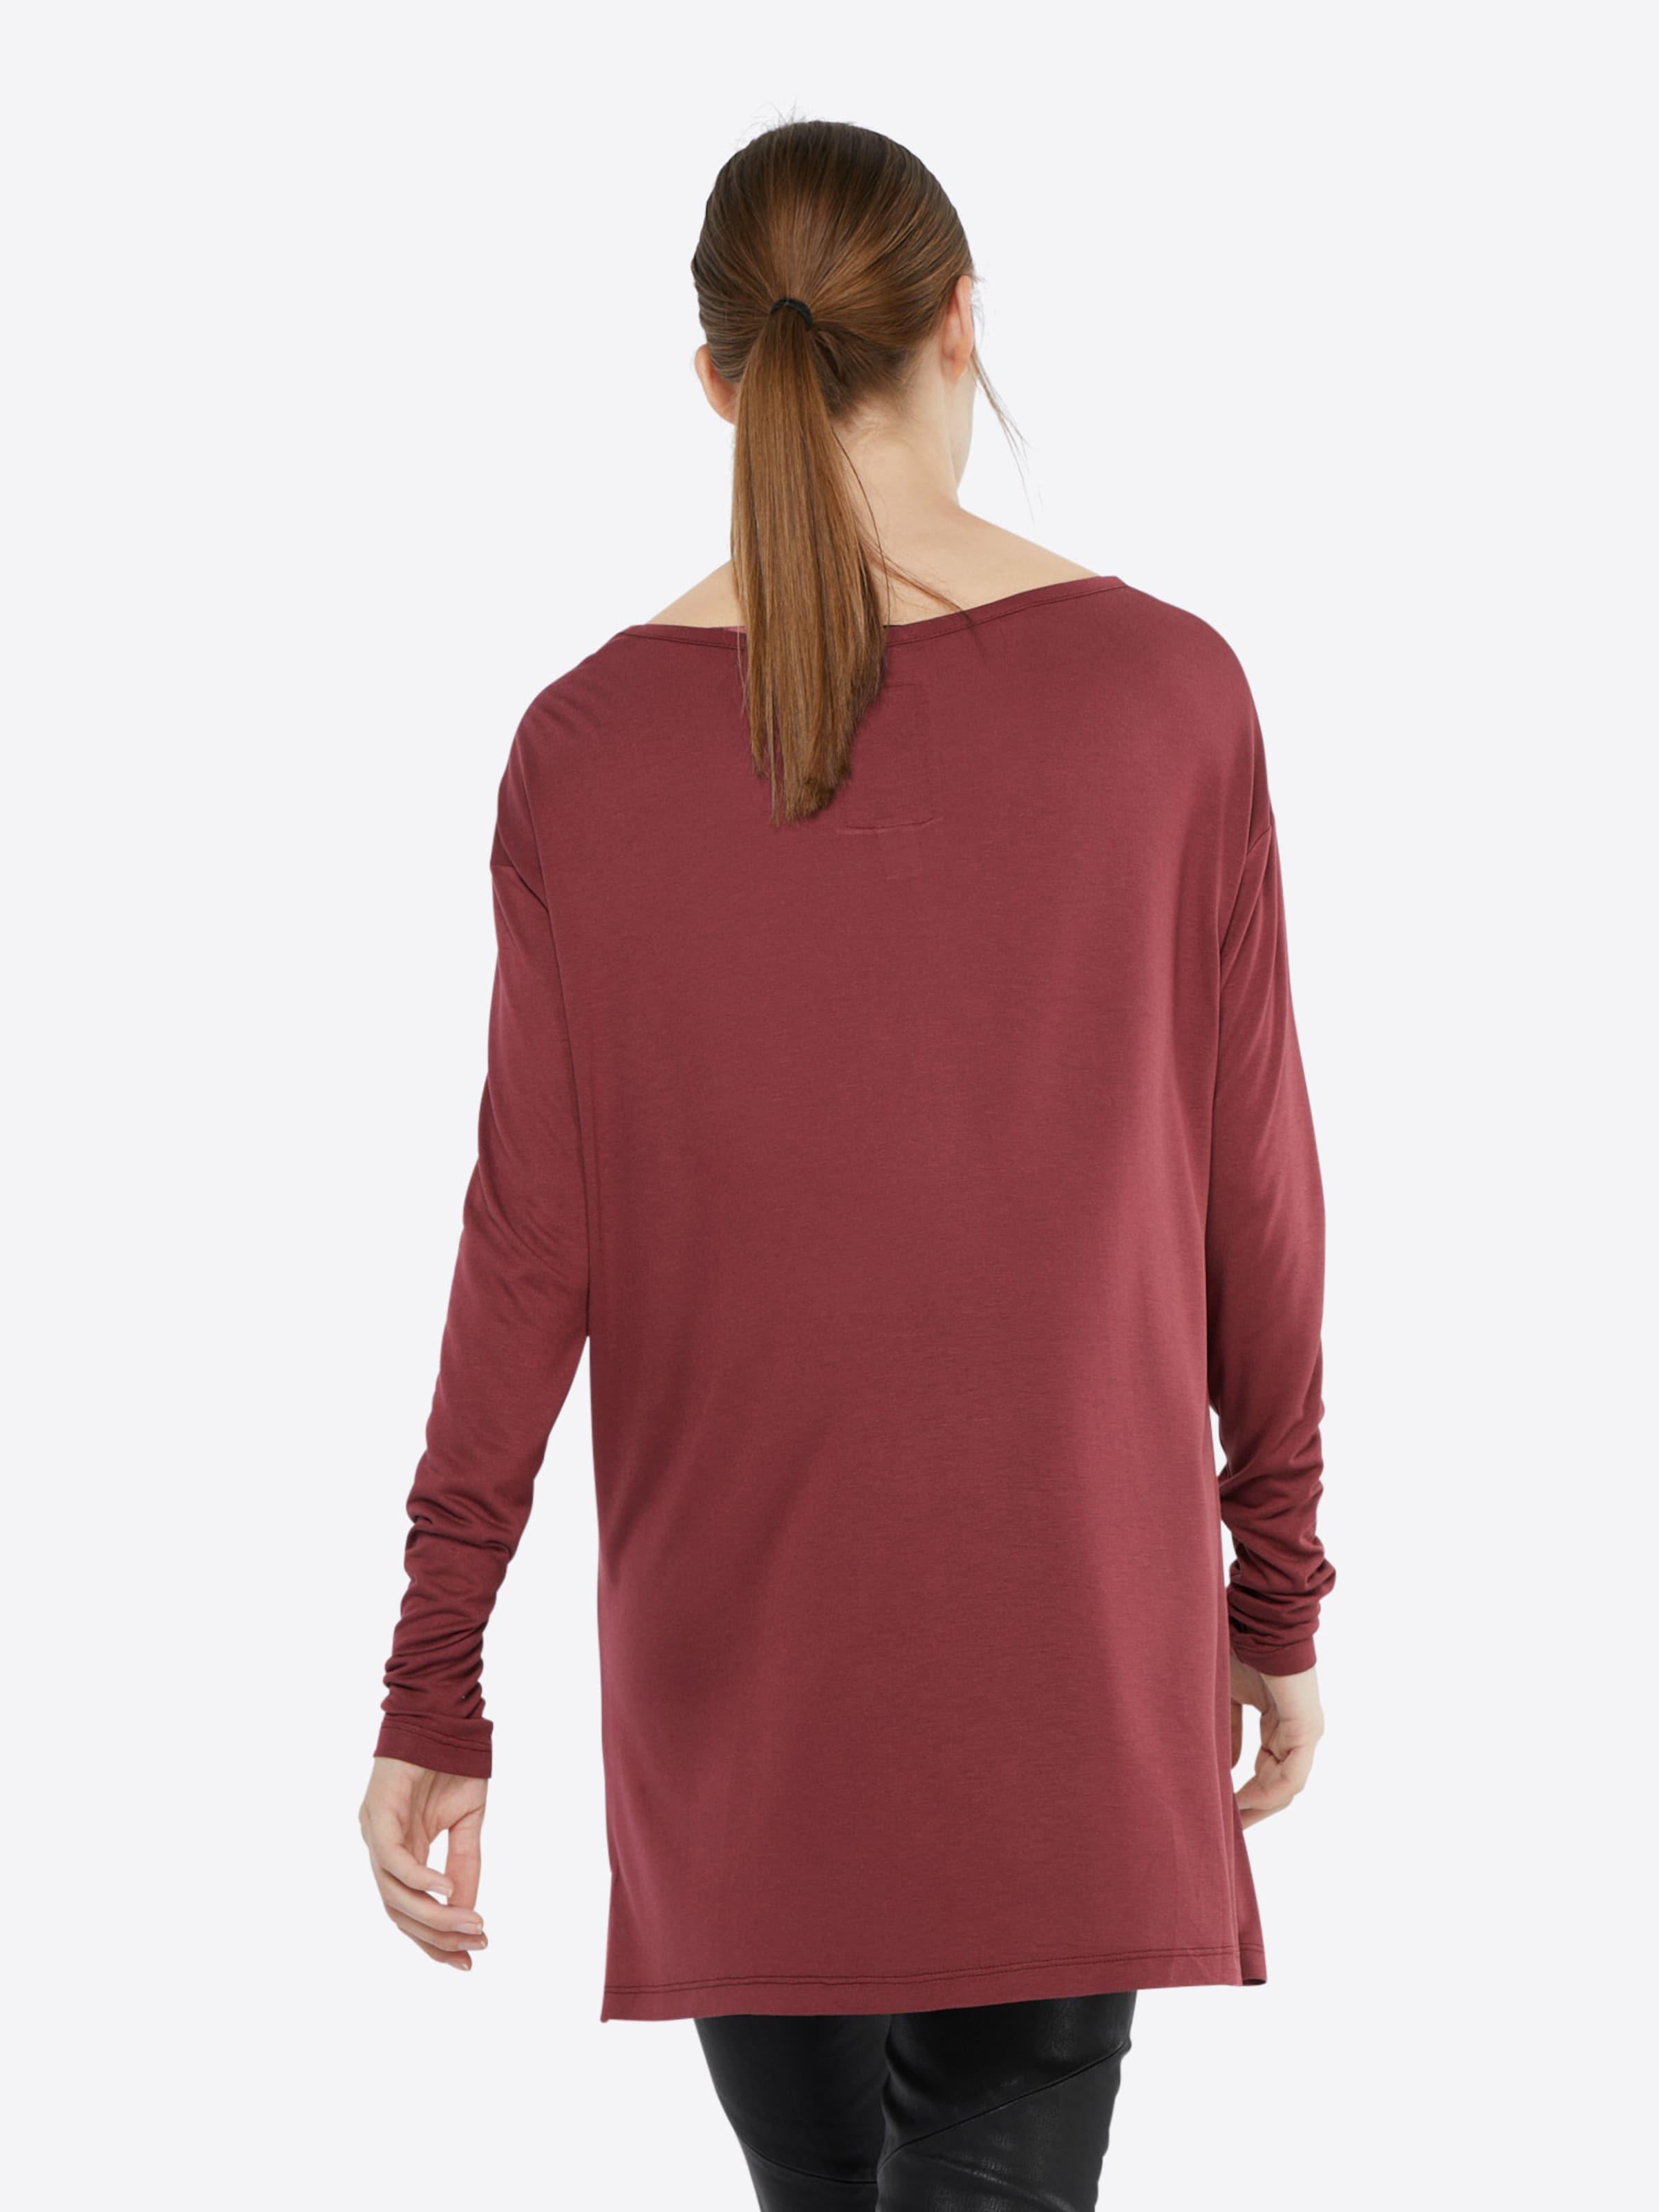 O'neill T Sapin shirt 'lw Essentials Winter' En 2D9YWEbHeI